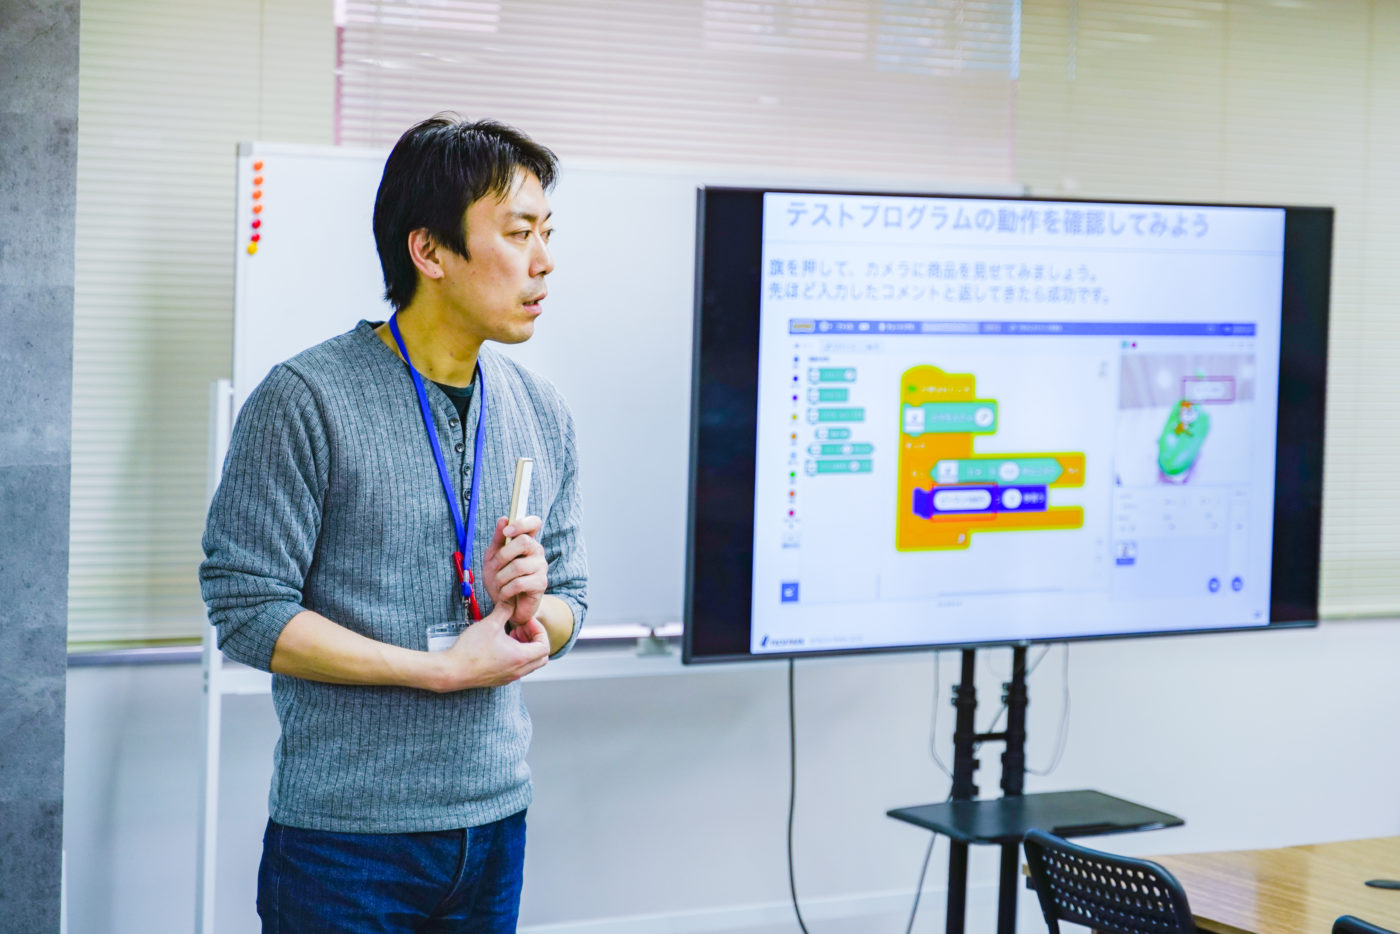 AIとプログラミングについて講義する先生